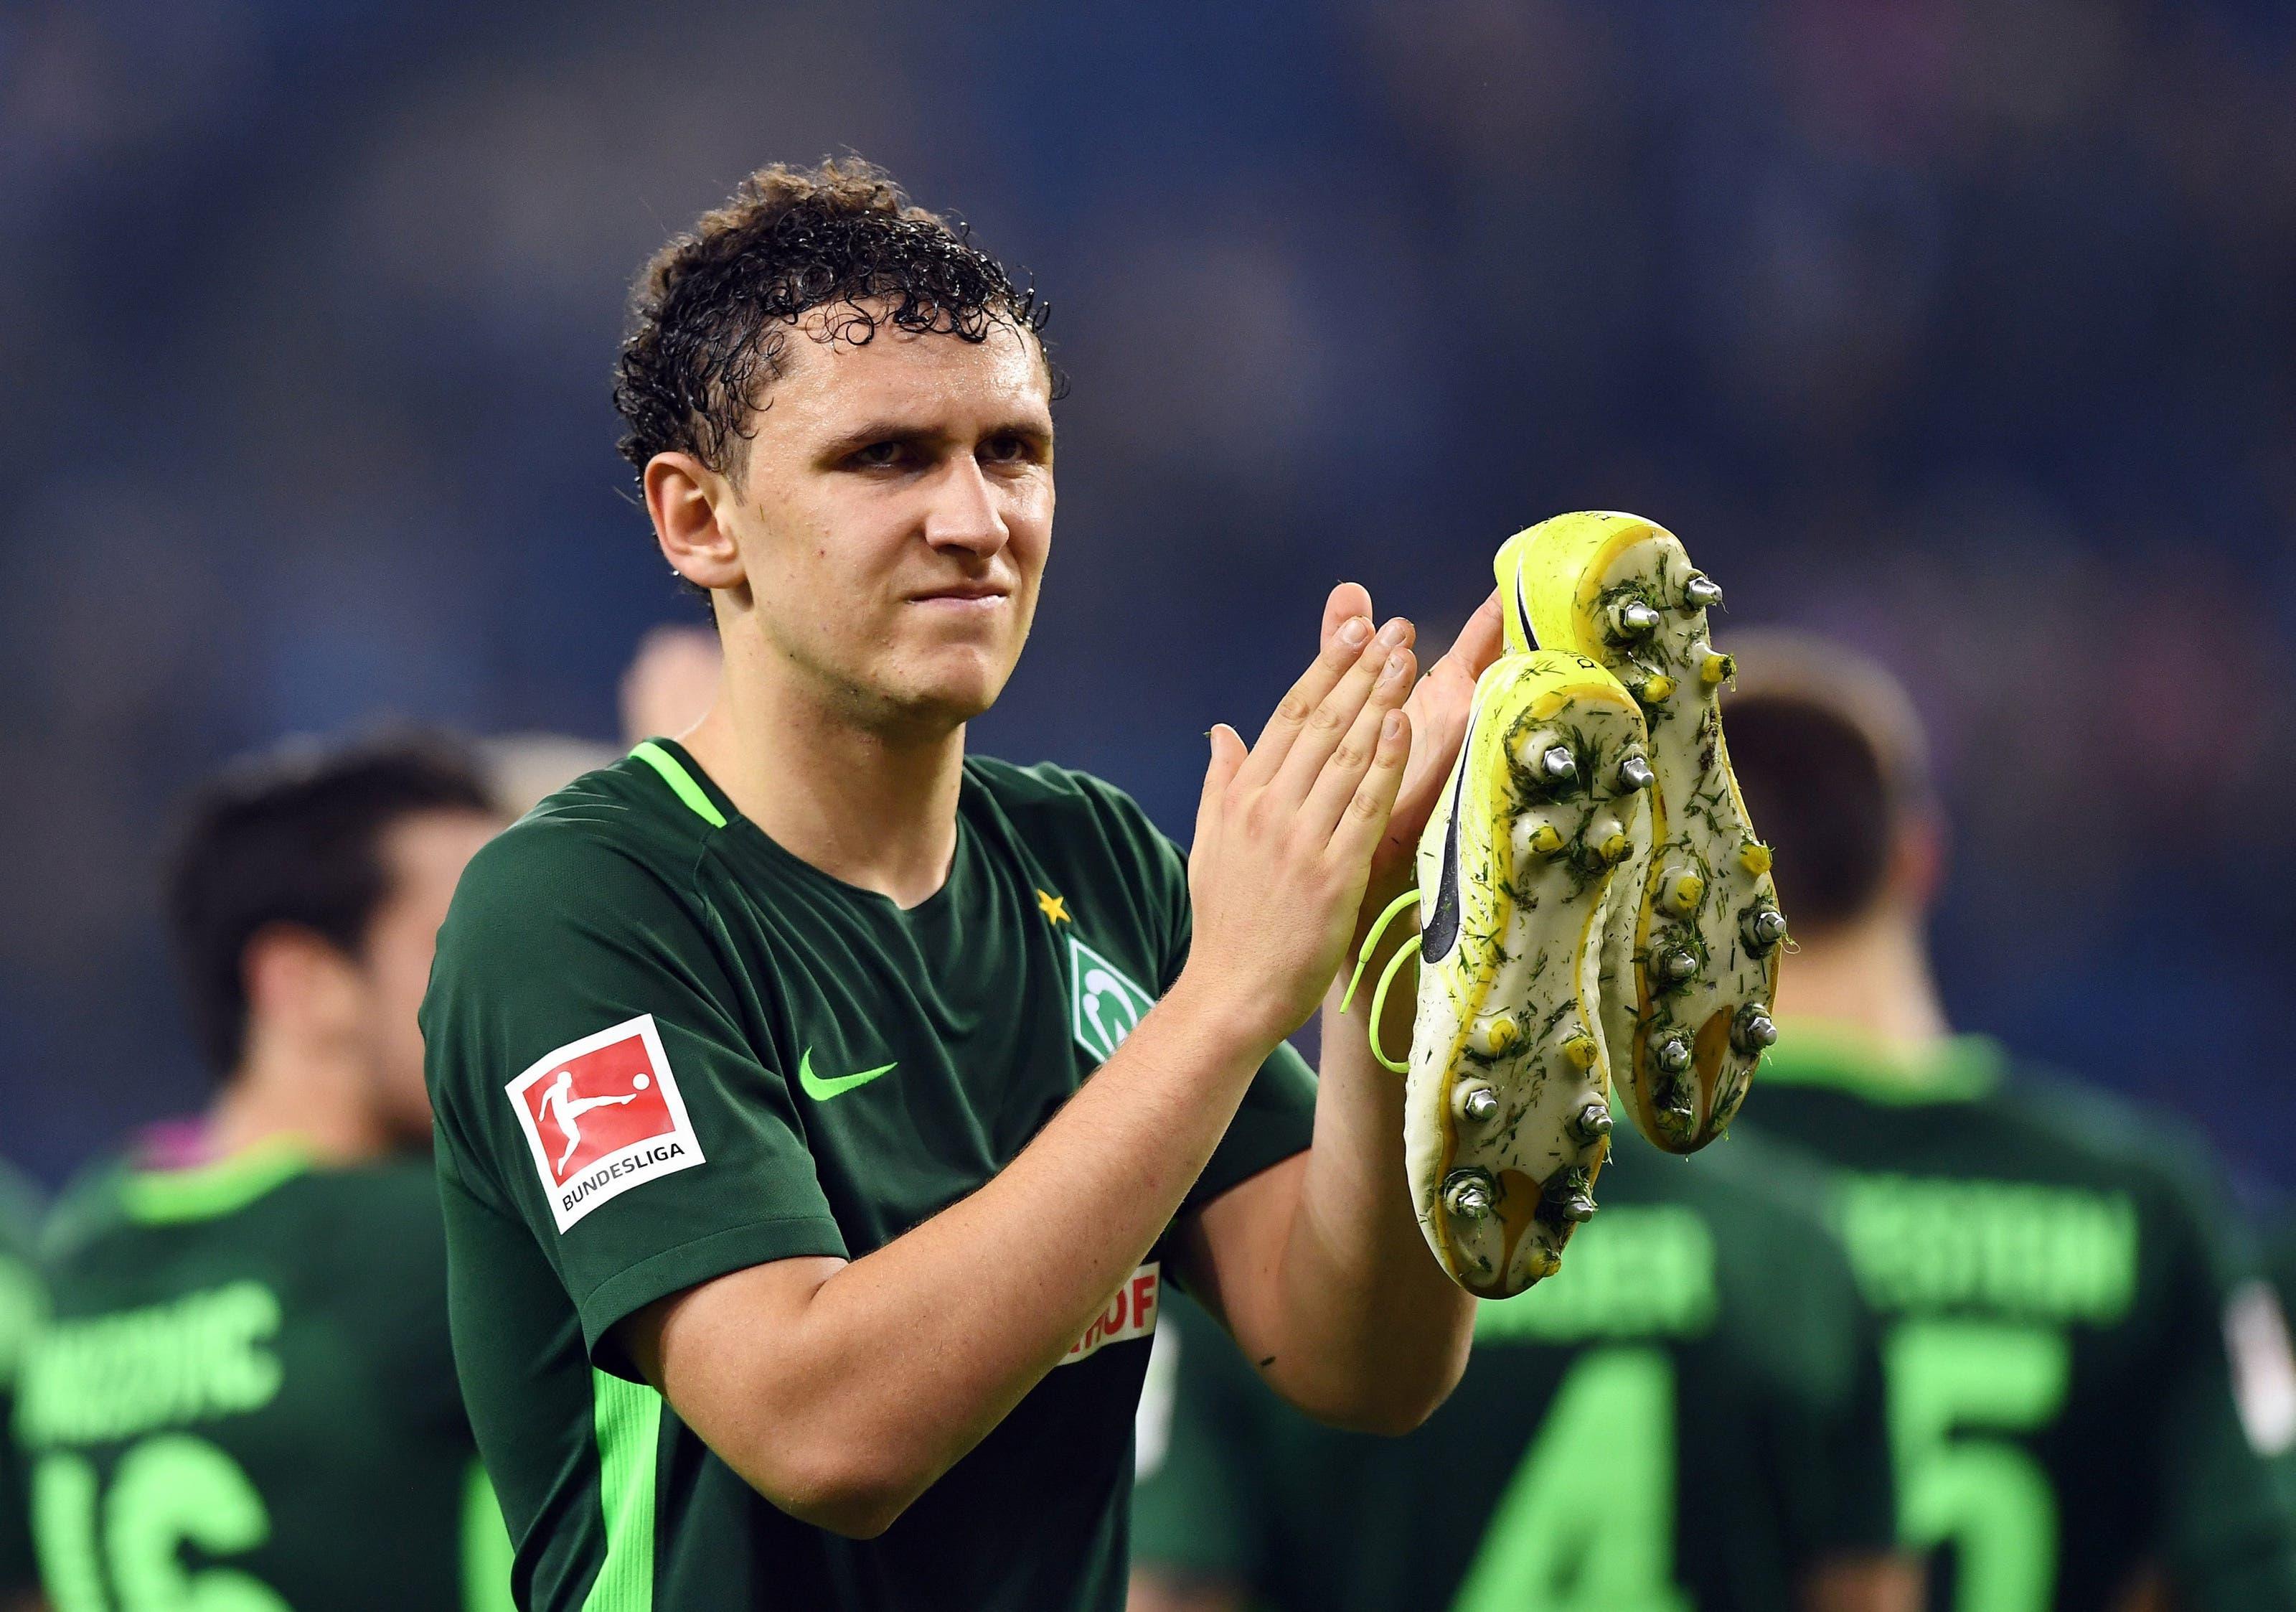 Der serbisch-schweizerische Doppelbürger Miloš Veljković spielt seit der Saison 2015/16 für den Bundesligisten Werder Bremen.